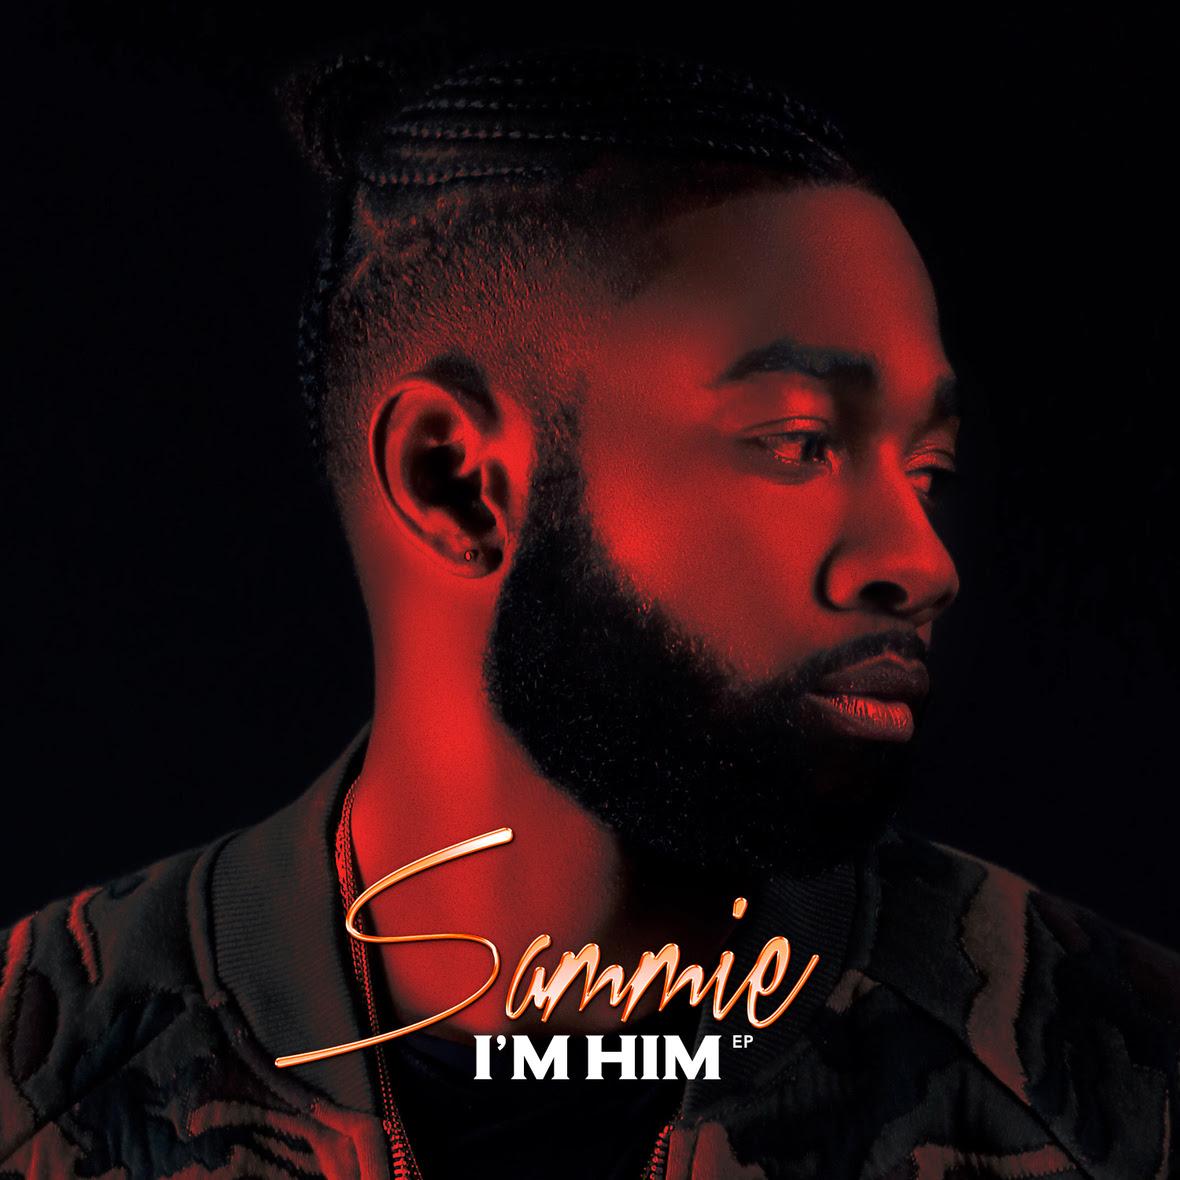 sammie-im-him-ep